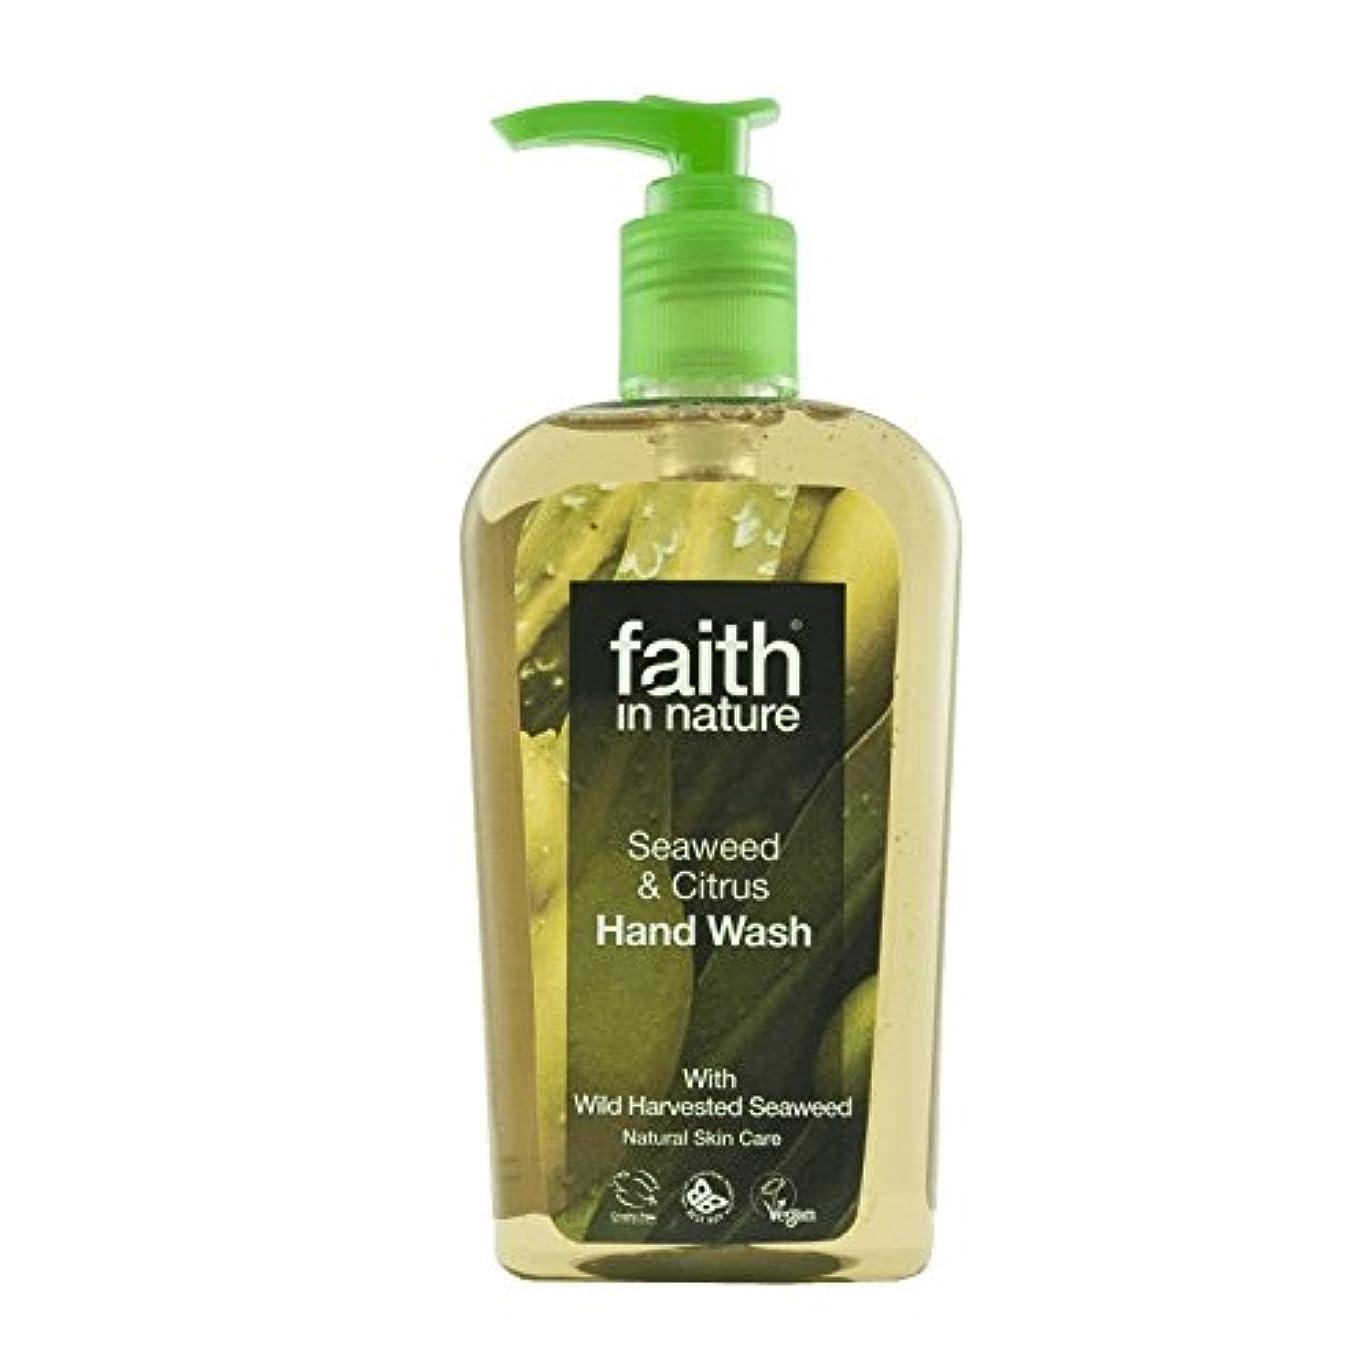 証人鼻検閲Faith In Nature Seaweed Handwash 300ml (Pack of 2) - 自然海藻手洗いの300ミリリットルの信仰 (x2) [並行輸入品]